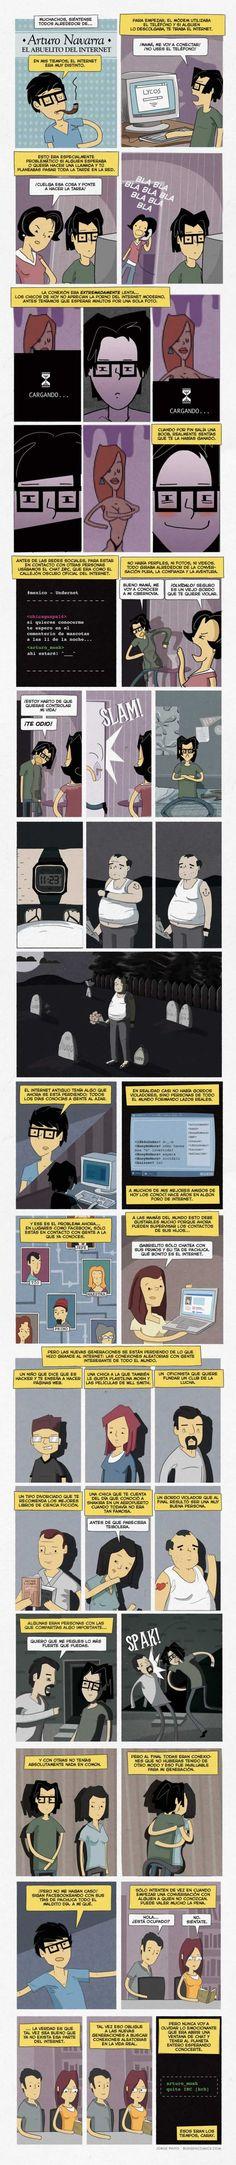 Un poco de humor, un poco de nostalgia... y una poca de reflexión ;-]  Fuente: http://www.heroeslocales.com/bunsen/2012/10/24/el-internet-de-mis-tiempos/